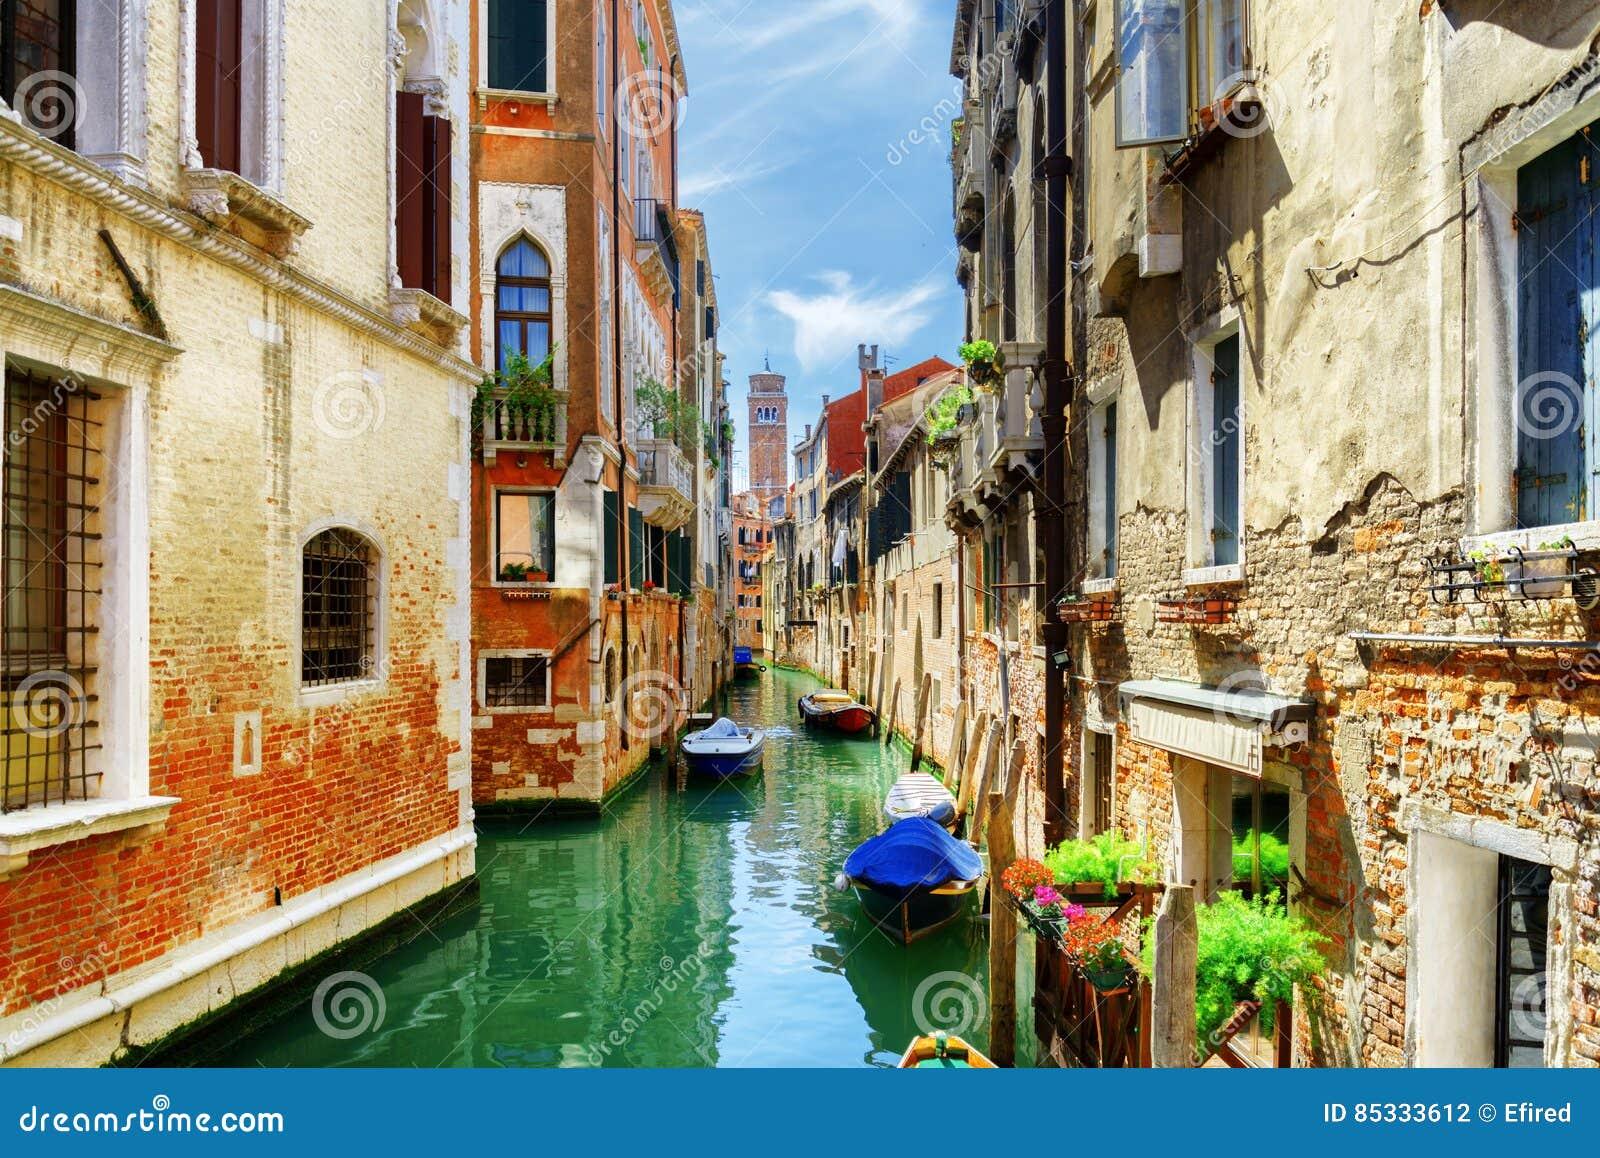 Rio di San Cassiano Canal avec des bateaux à Venise, Italie